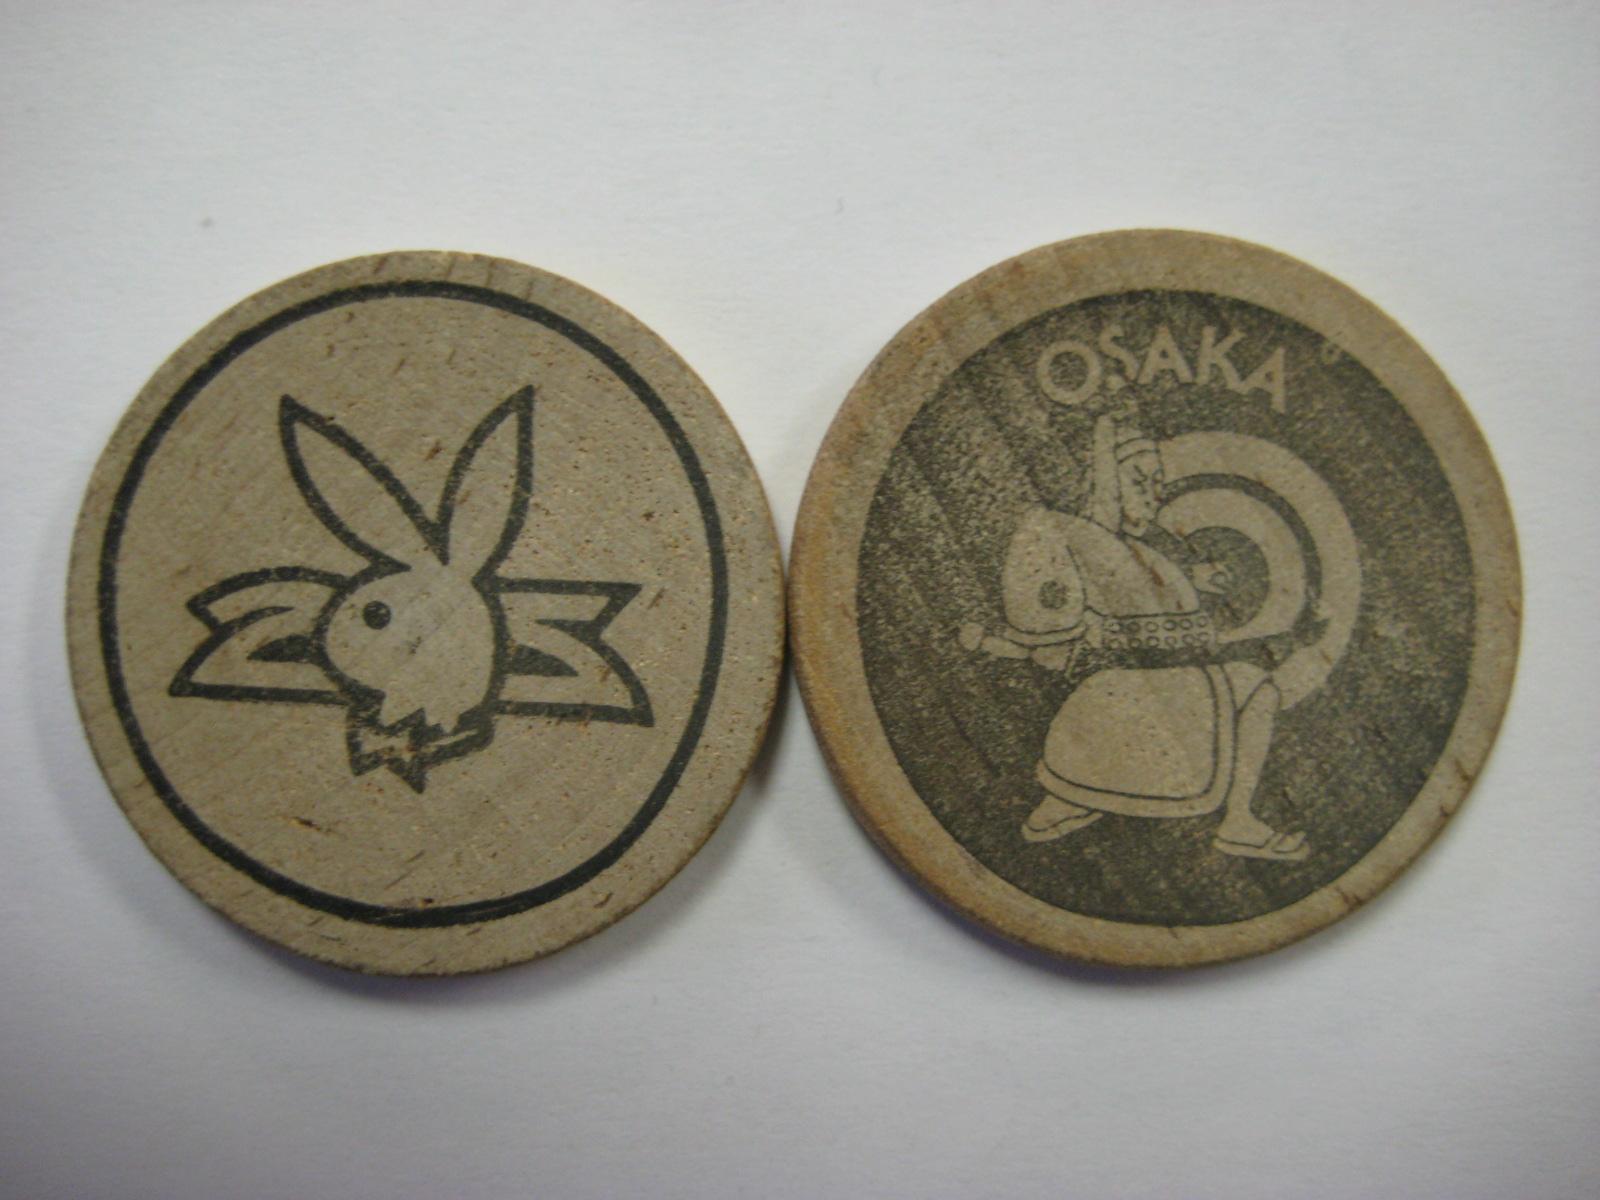 Plaboy Club Osaka wooden Nickel